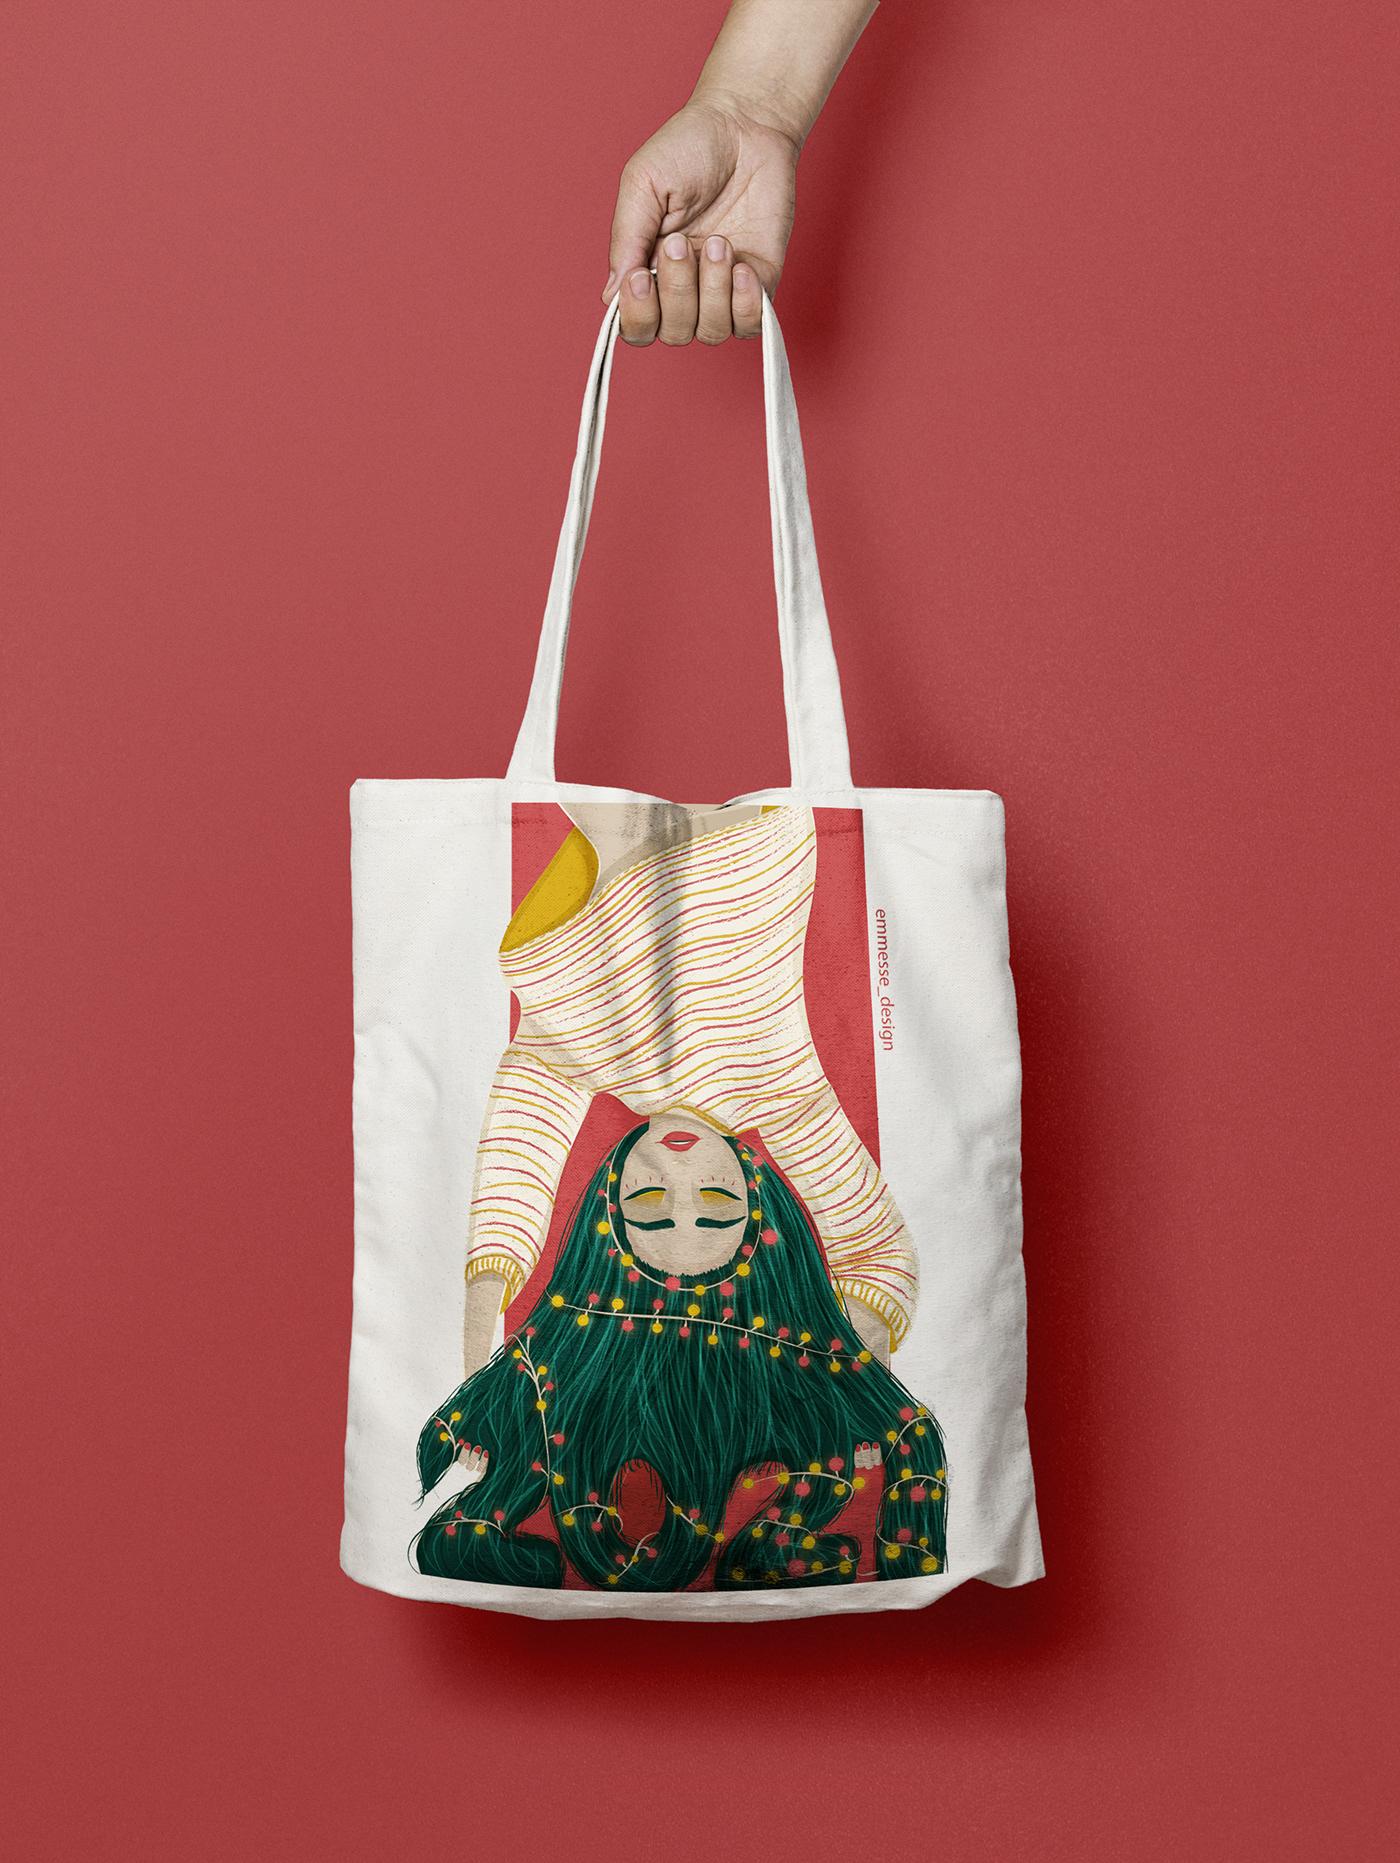 Image may contain: handbag, pattern (fashion design) and tote bag